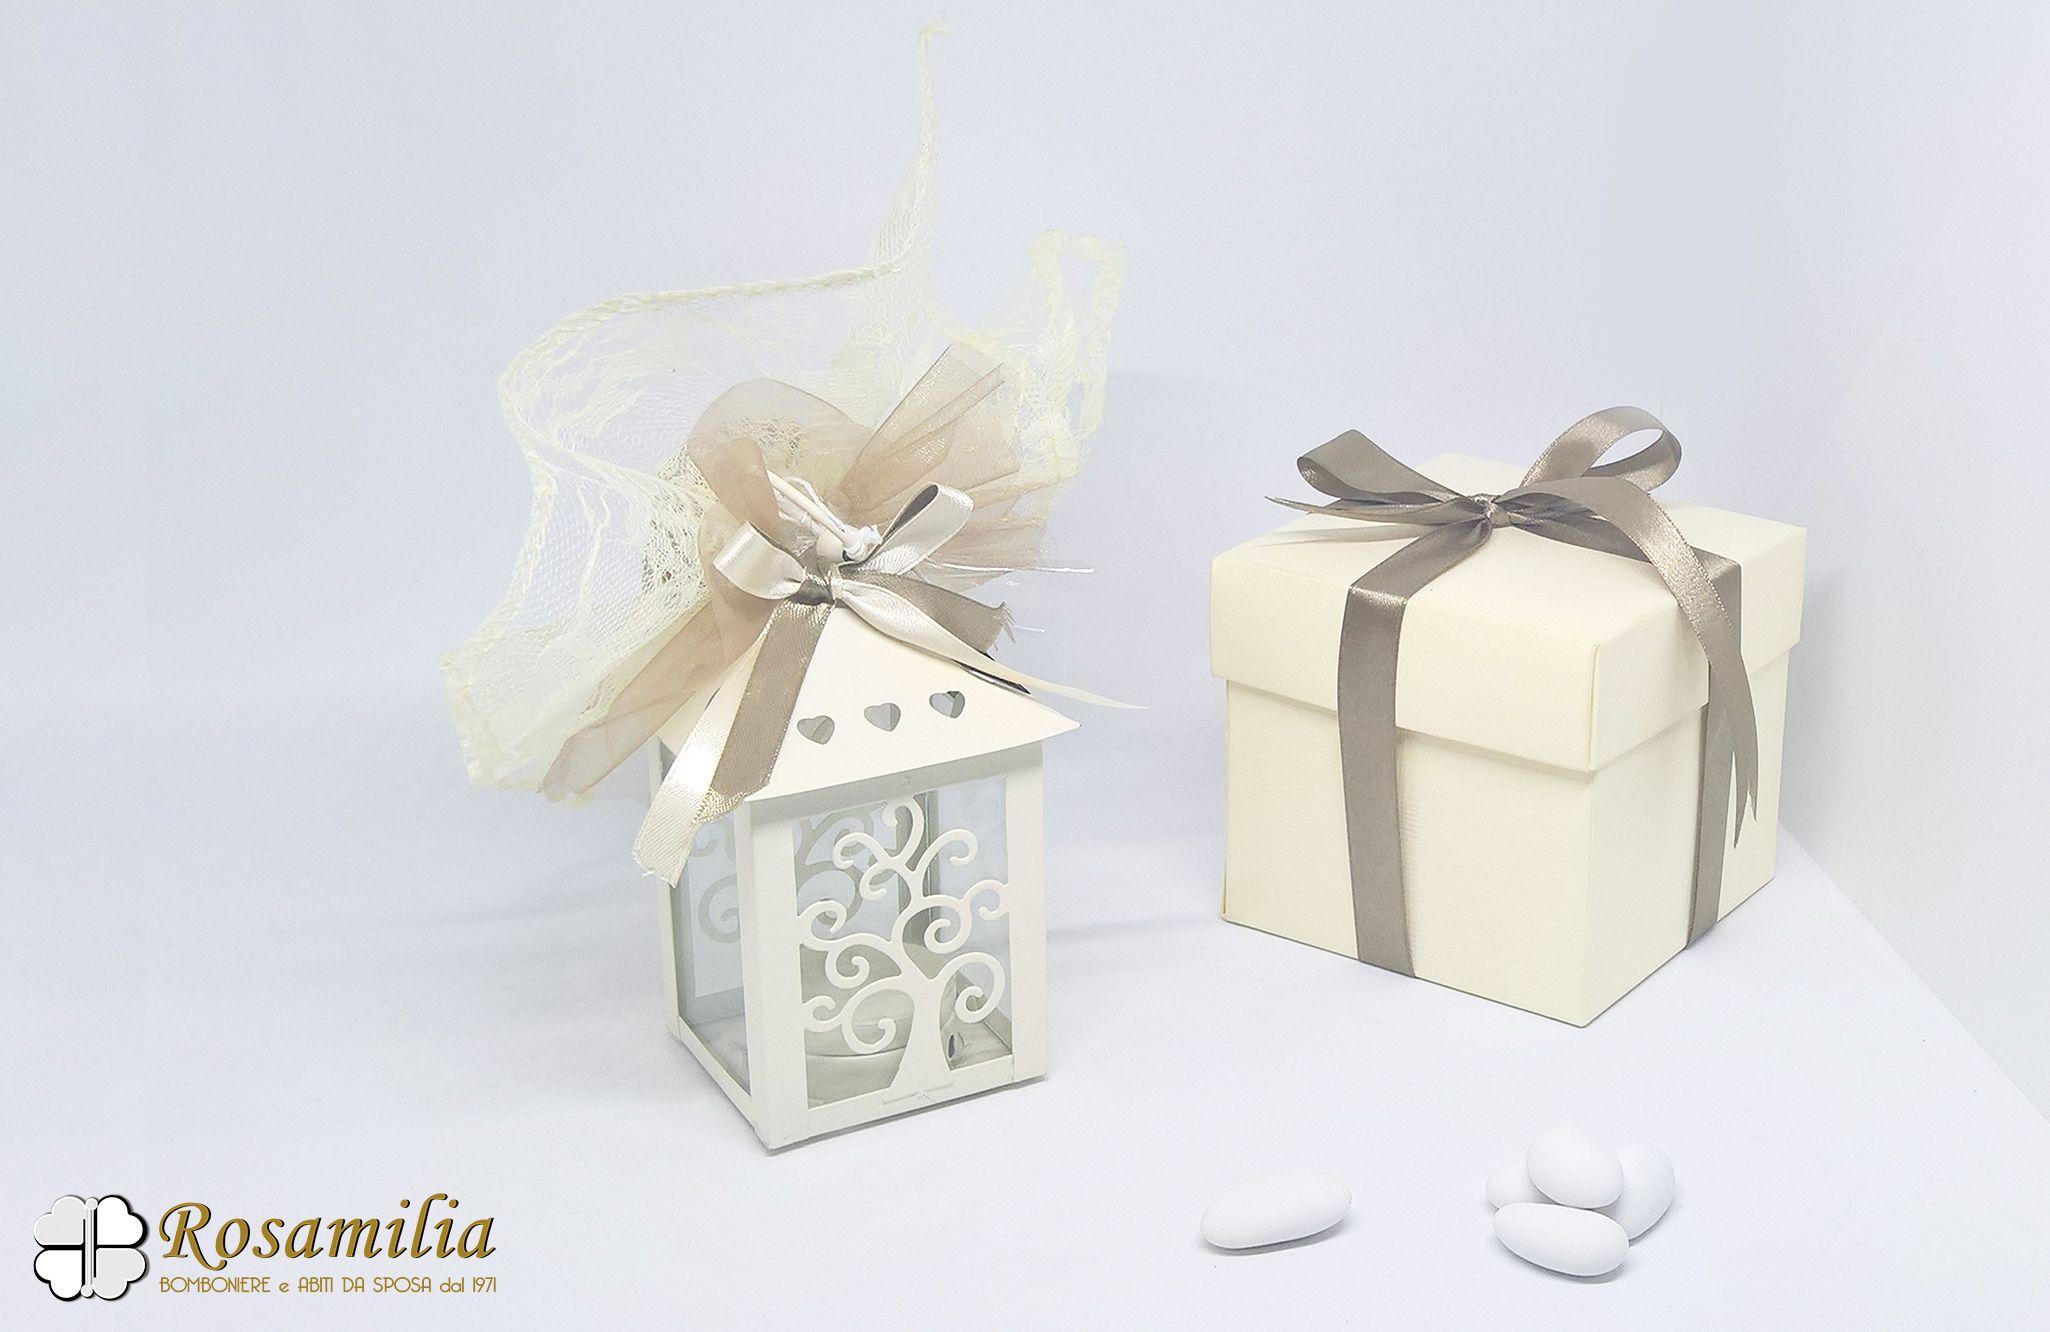 Bomboniere Per Matrimonio.Bomboniere Matrimonio Lanterna Con Albero Della Vita Bomboniere